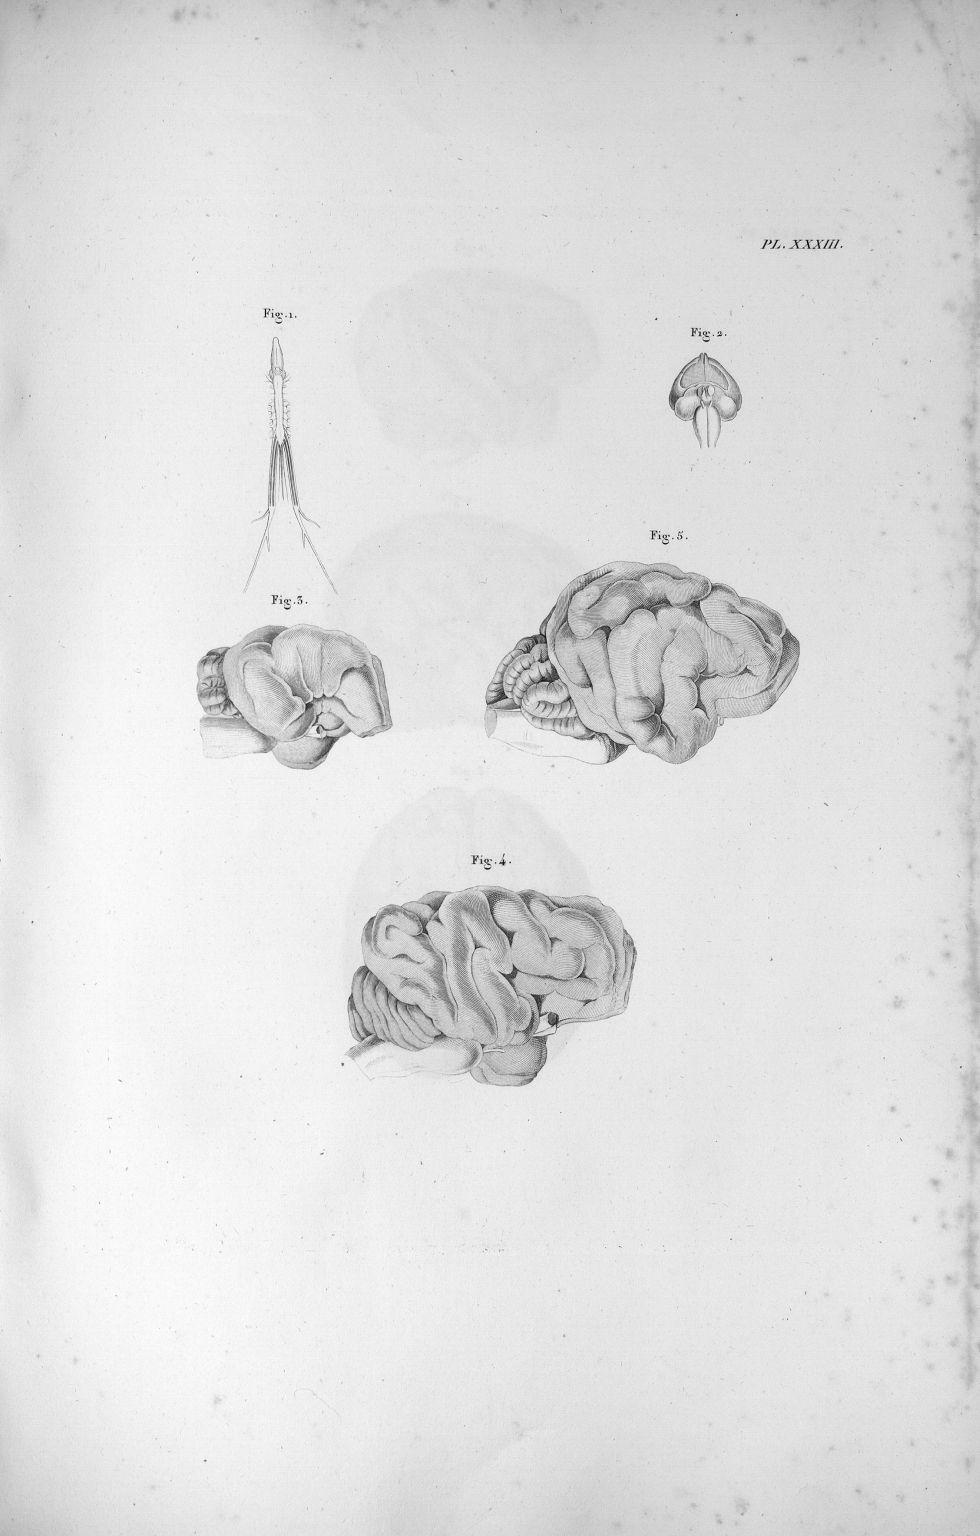 Pl. XXXIII. Fig. 1. Cerveau et moëlle épinière de la grenouille / Fig. 2. Cerveau d'une poule / Fig. [...] - Anatomie. Neurologie. Cerveaux. Animal, animaux. 19e siècle (France) - med00575xatlasx0043